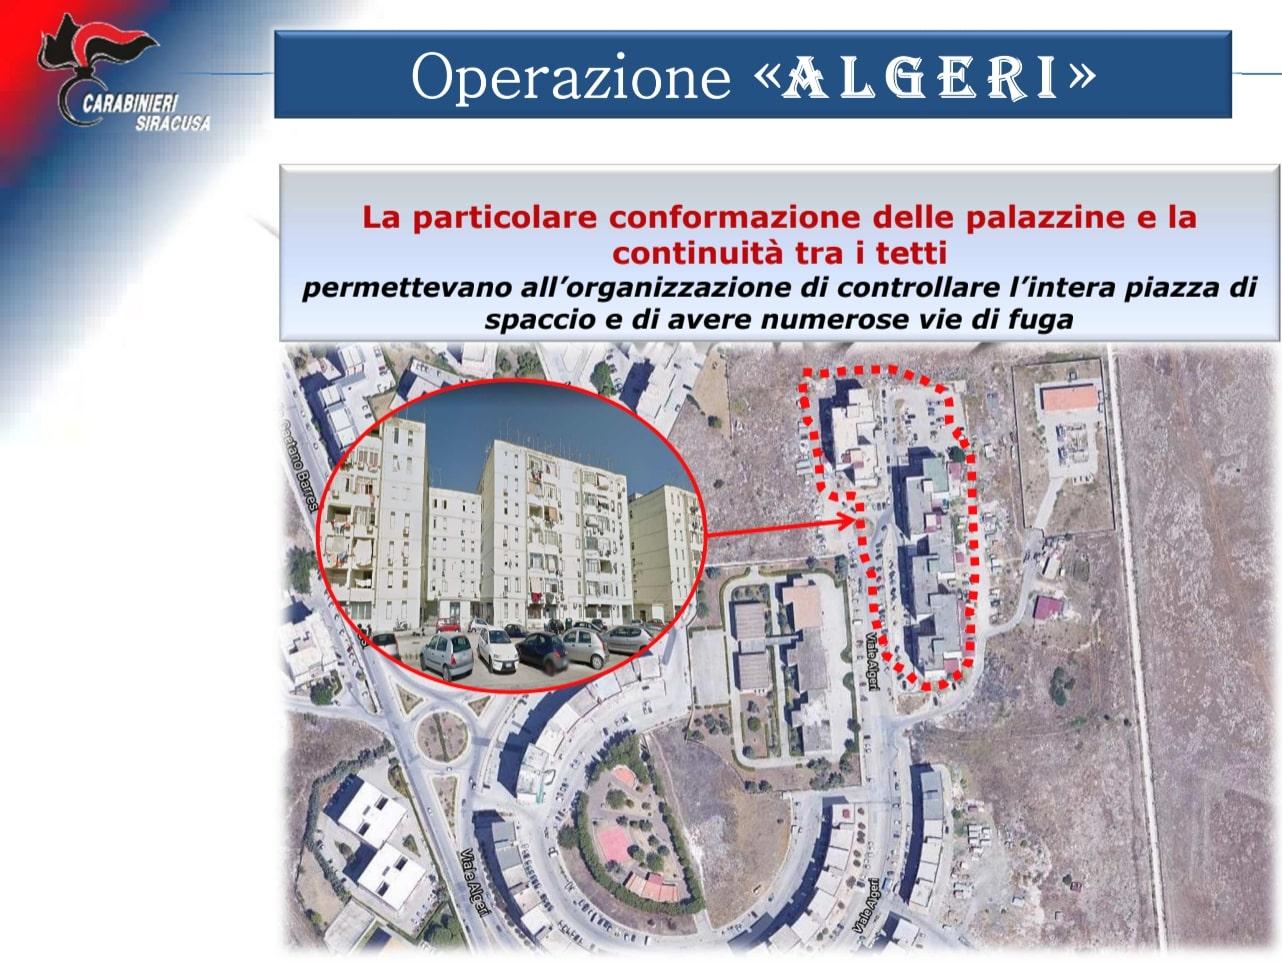 Operazione Algeri, duro colpo alle piazze di spaccio aretusee: i NOMI degli arrestati